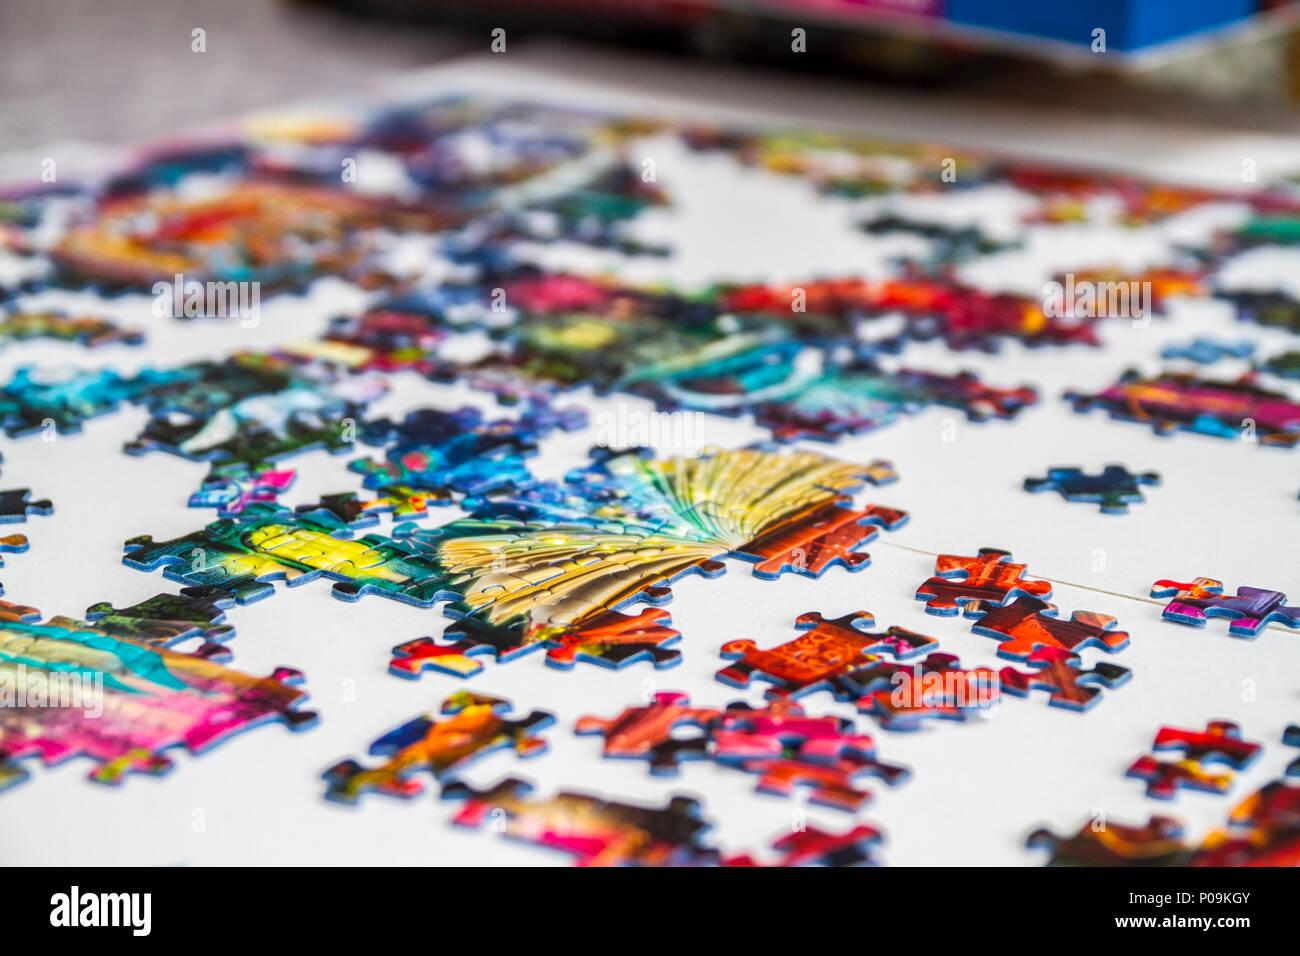 Grande 1000 Piece Jigsaw pezzi di un puzzle, multi colore, educativo colorato divertimento per tutta la famiglia Foto Stock